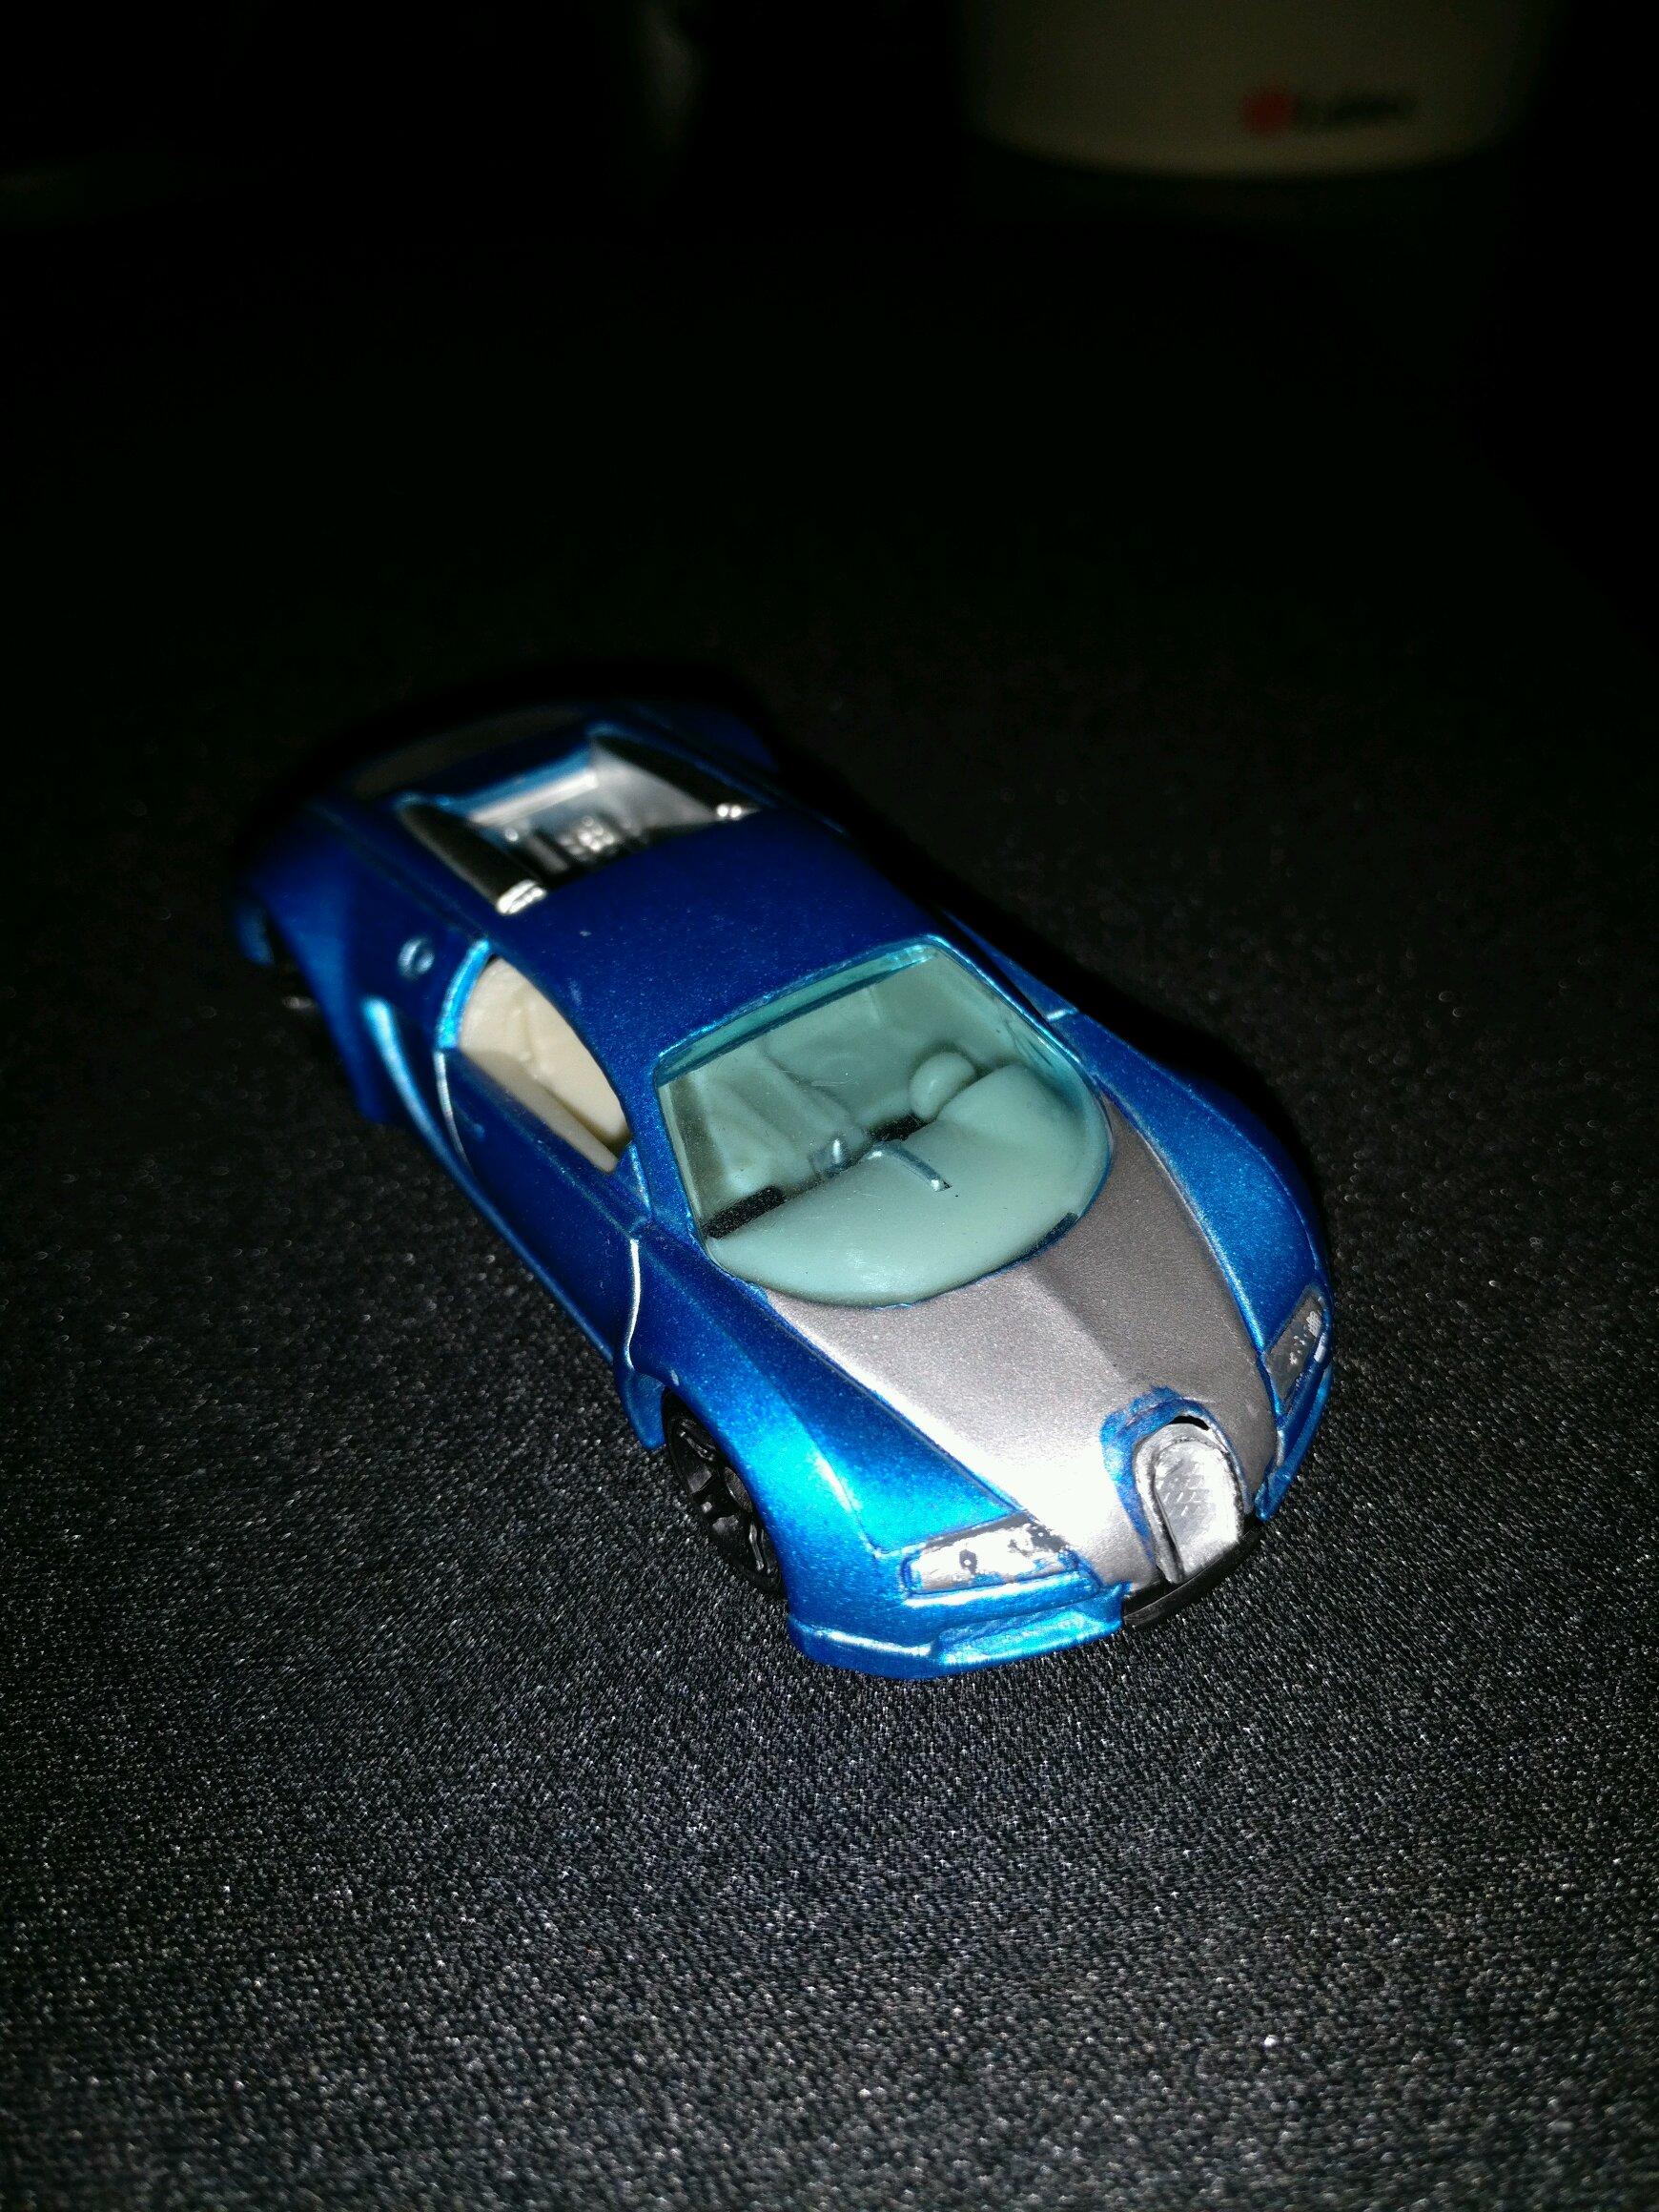 13dc9891cfd91fff46997d8588fd5abf Elegant Bugatti Veyron toy Car Hot Wheels Cars Trend